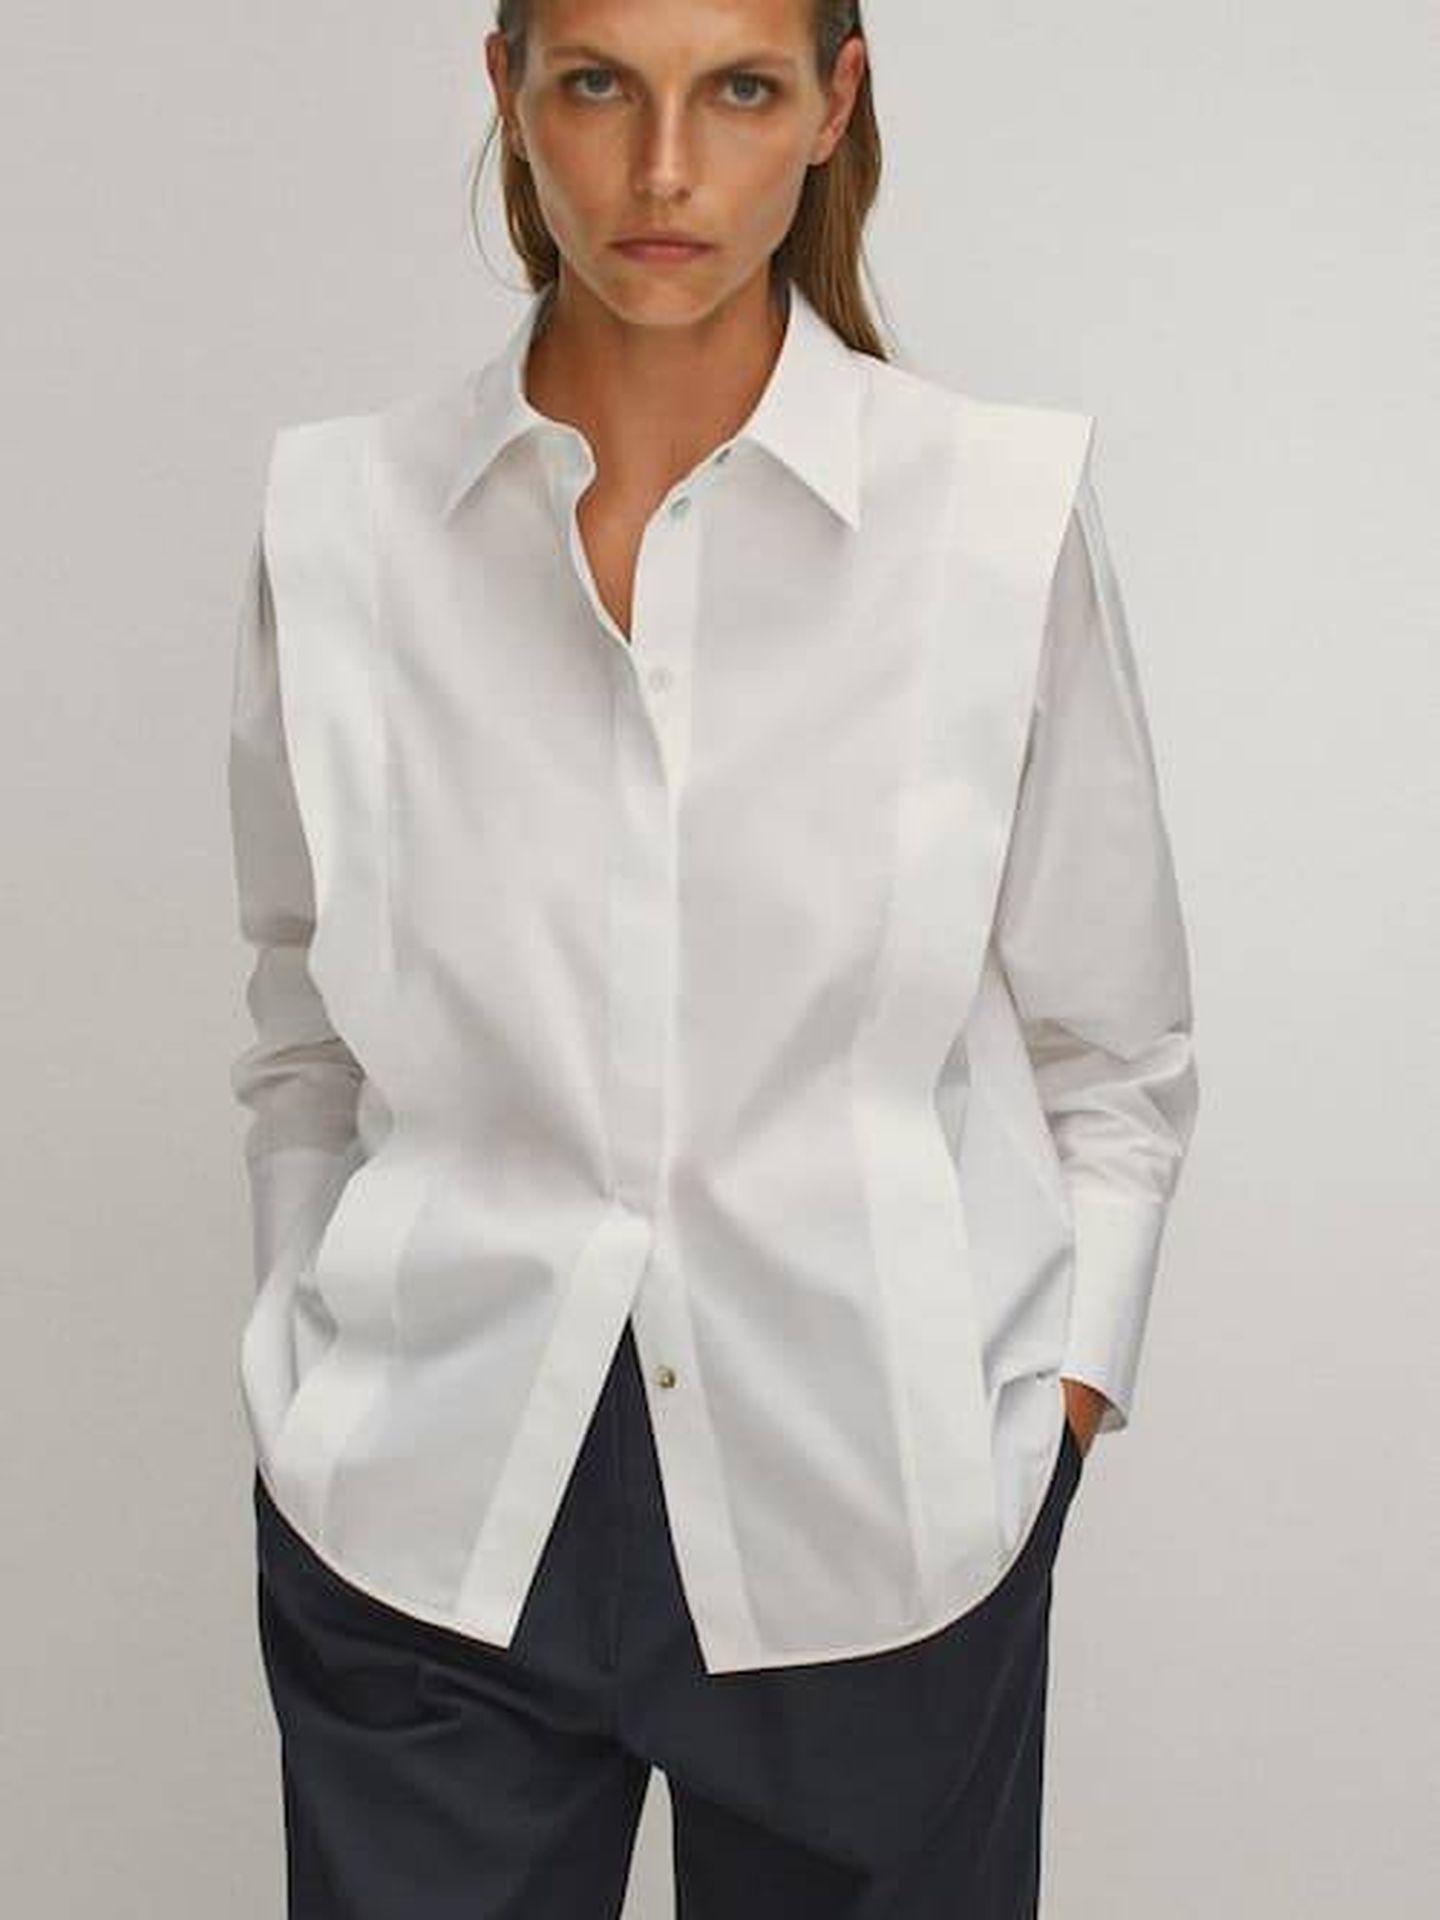 La camisa de Massimo Dutti que tiene Nuria Roca. (Cortesía)